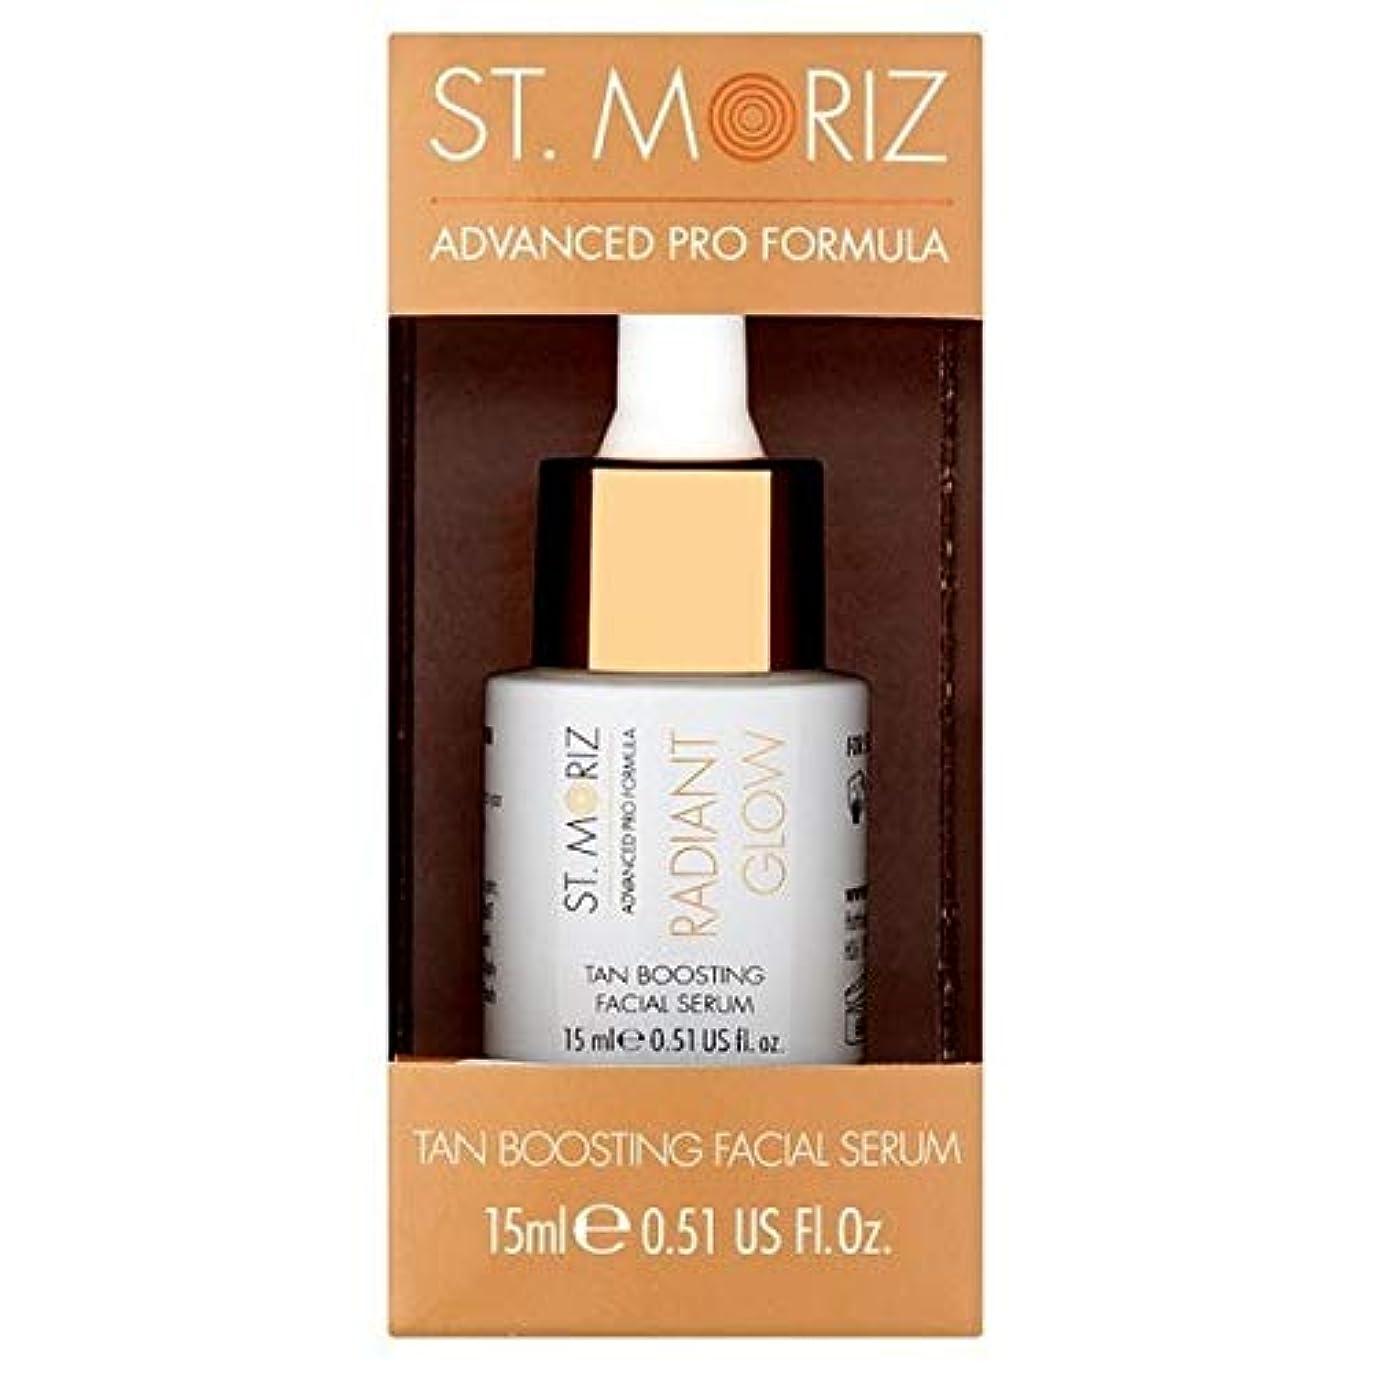 思慮深い遺棄された困難[St Moriz] St。顔の血清15ミリリットルを高めるMoriz高度なプロの日焼け - St. Moriz Advanced Pro Tan Boosting Facial Serum 15ml [並行輸入品]